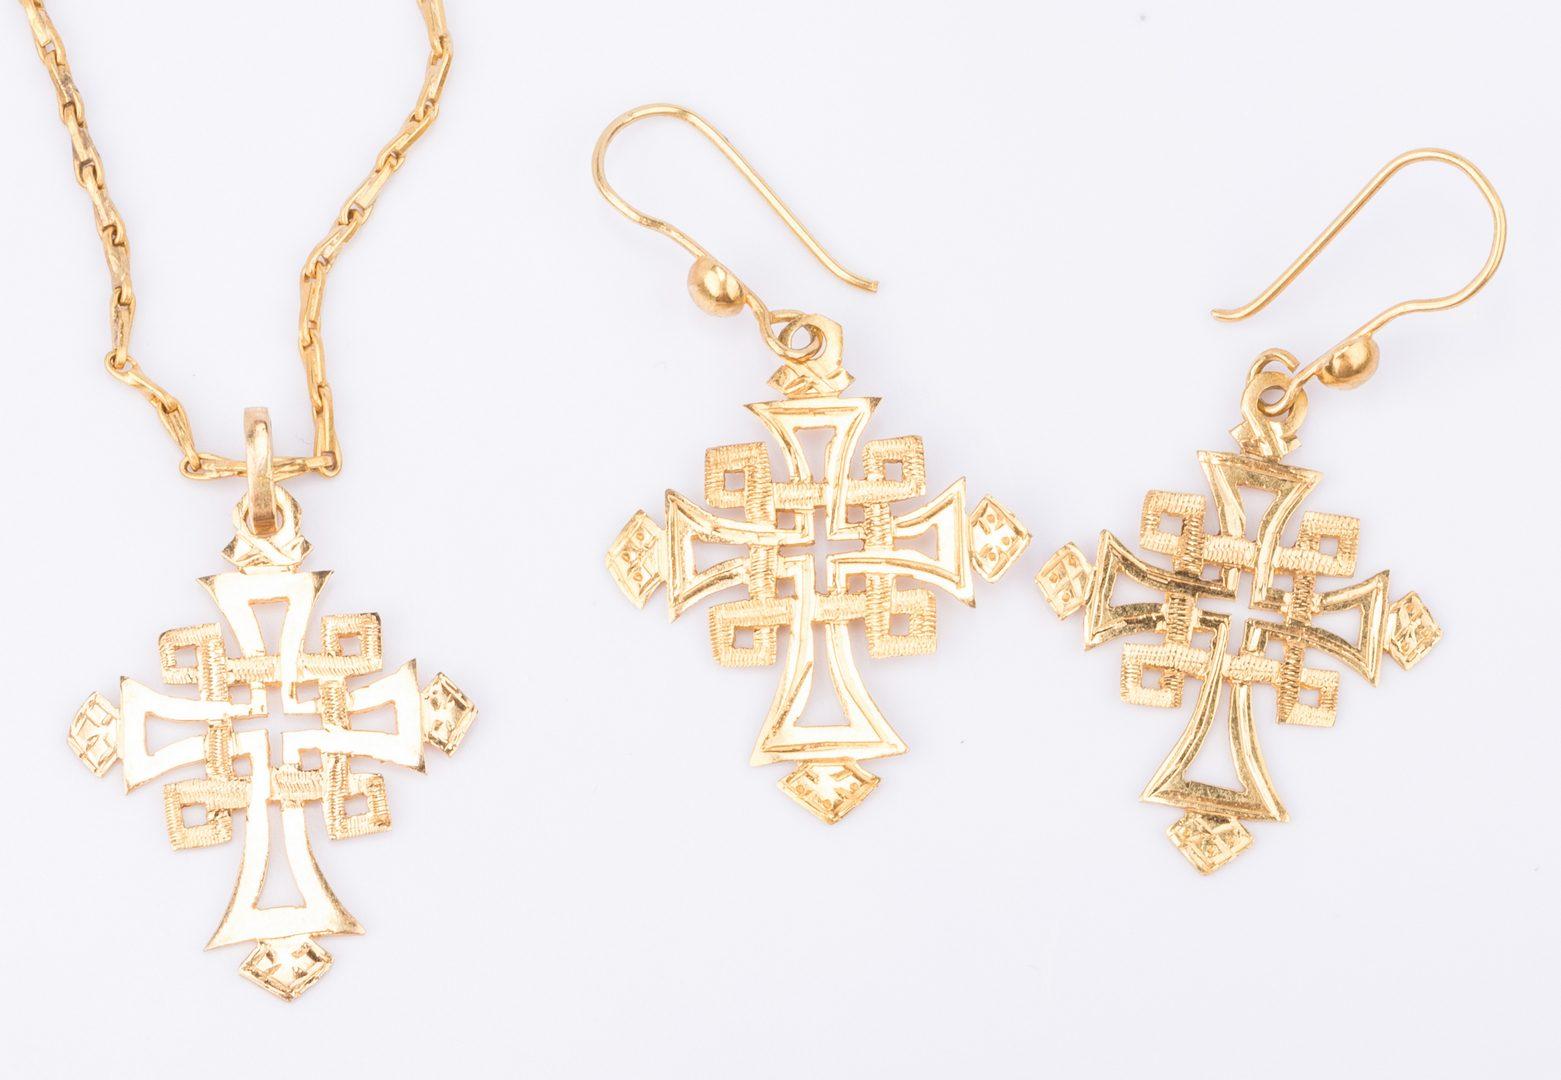 Lot 847: 18K Cross Jewelry 3 Piece Set